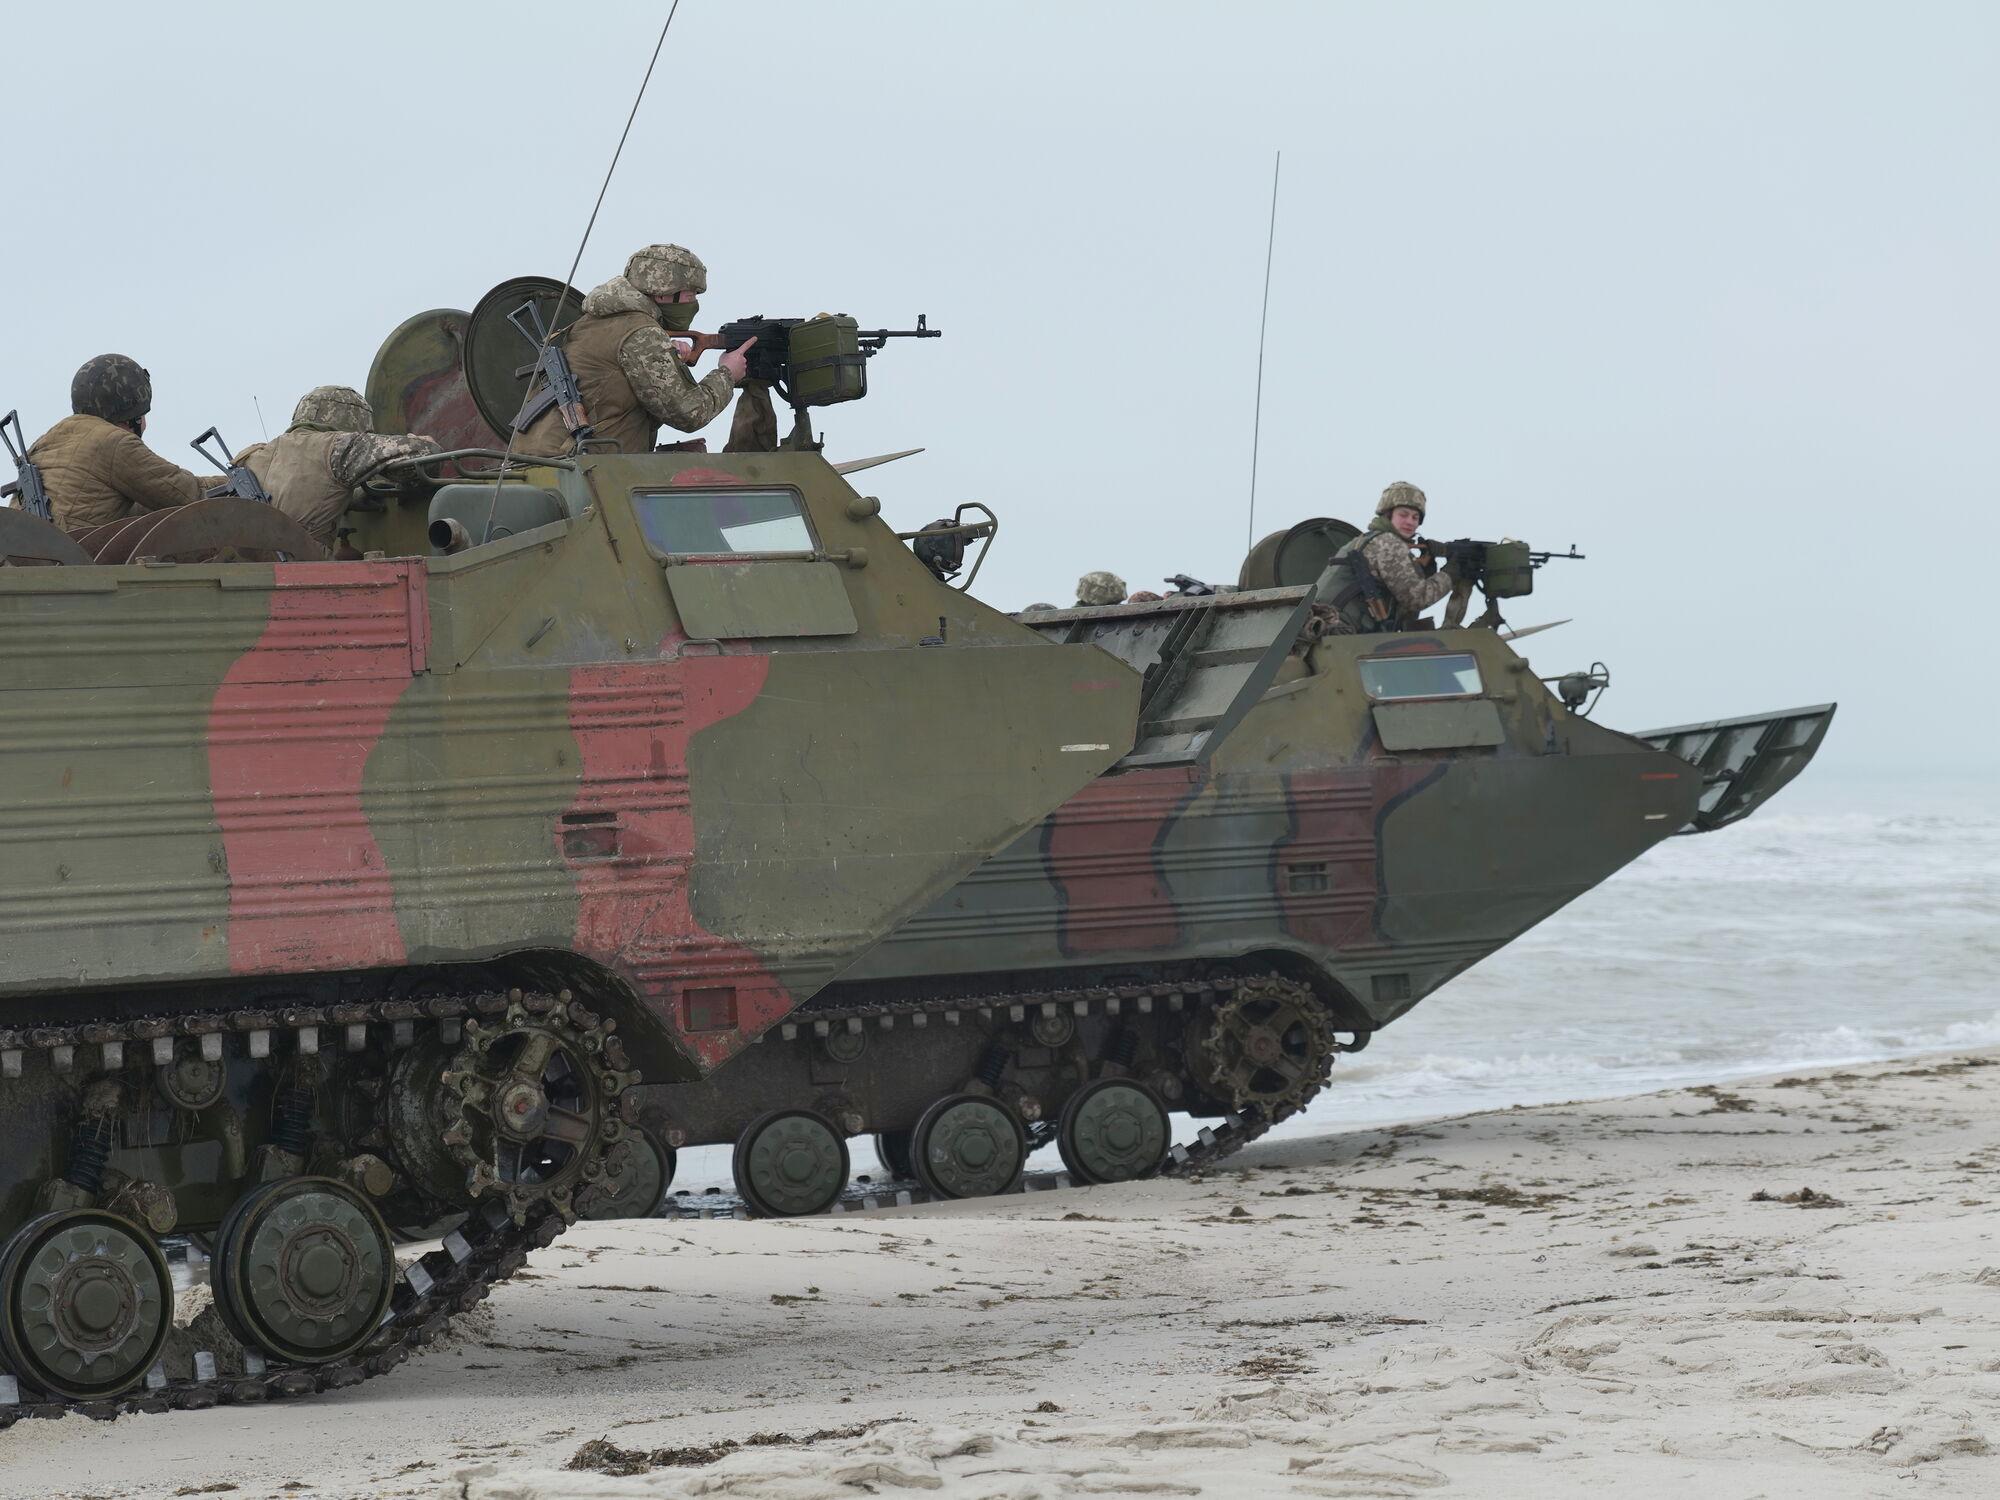 Воїни ЗСУ тренувалися розставляти мінні пастки на березі моря